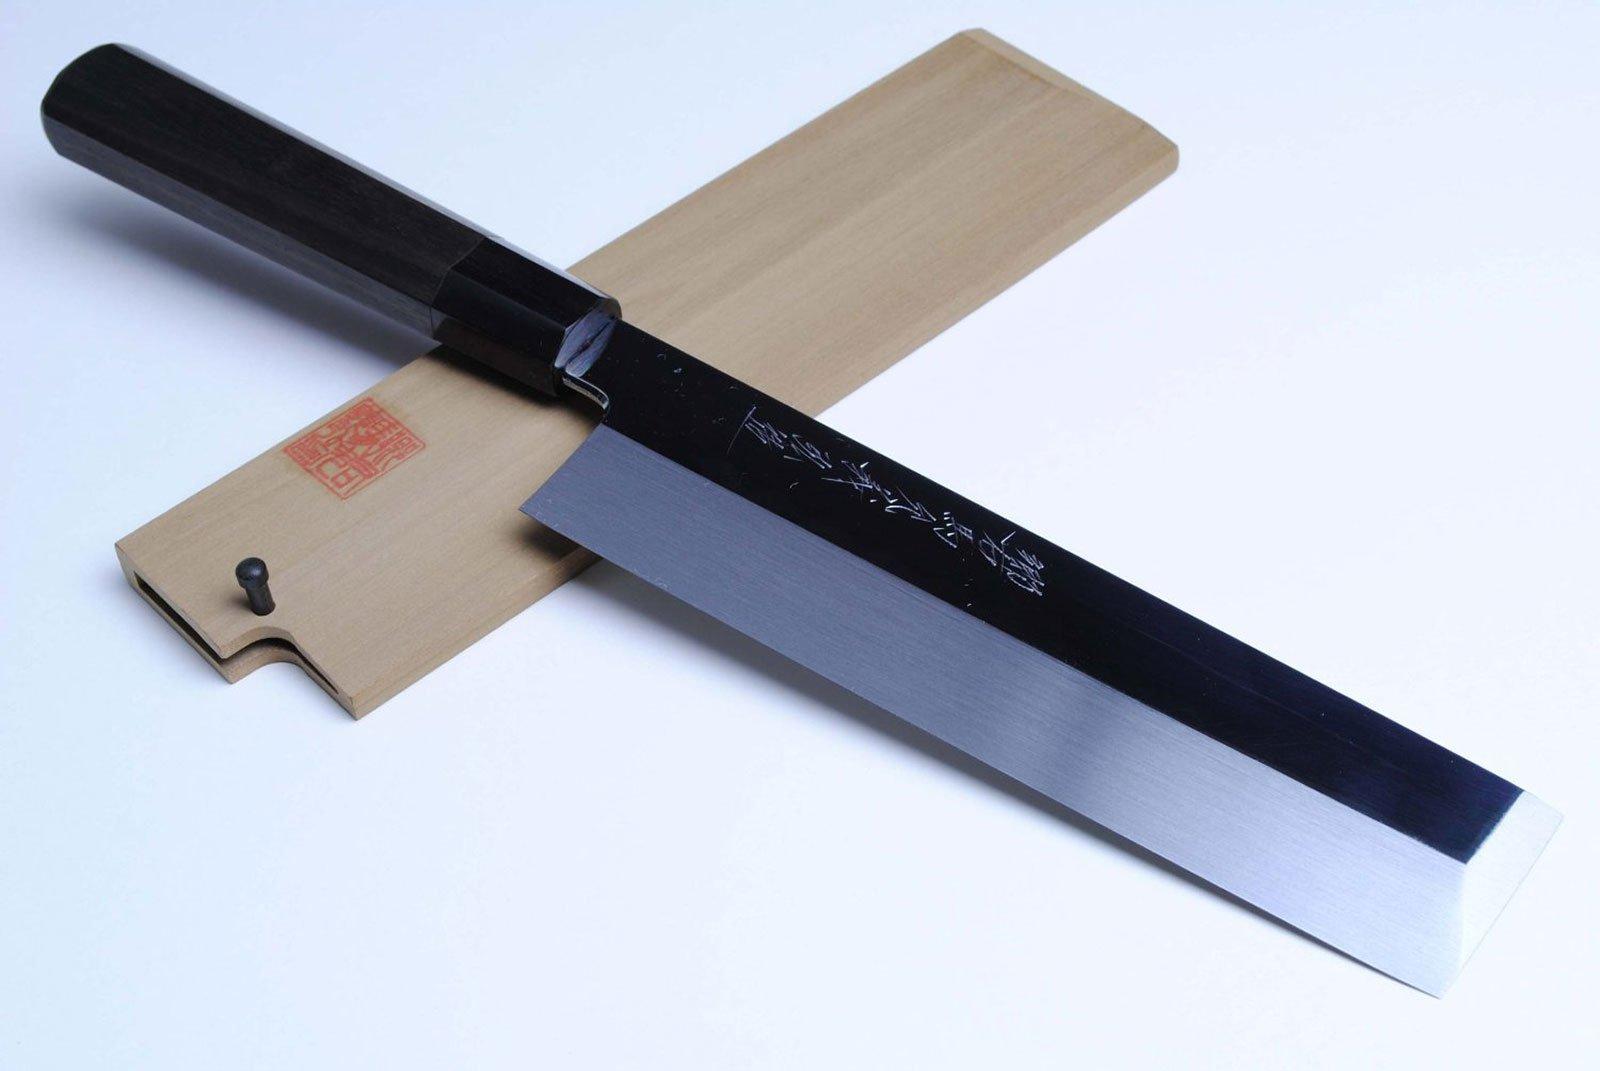 Yoshihiro Honyaki Mirror Finished Edo Usuba Japanese Vegetable Chefs Knife 7.7 Inch (195mm) Ebony Handle